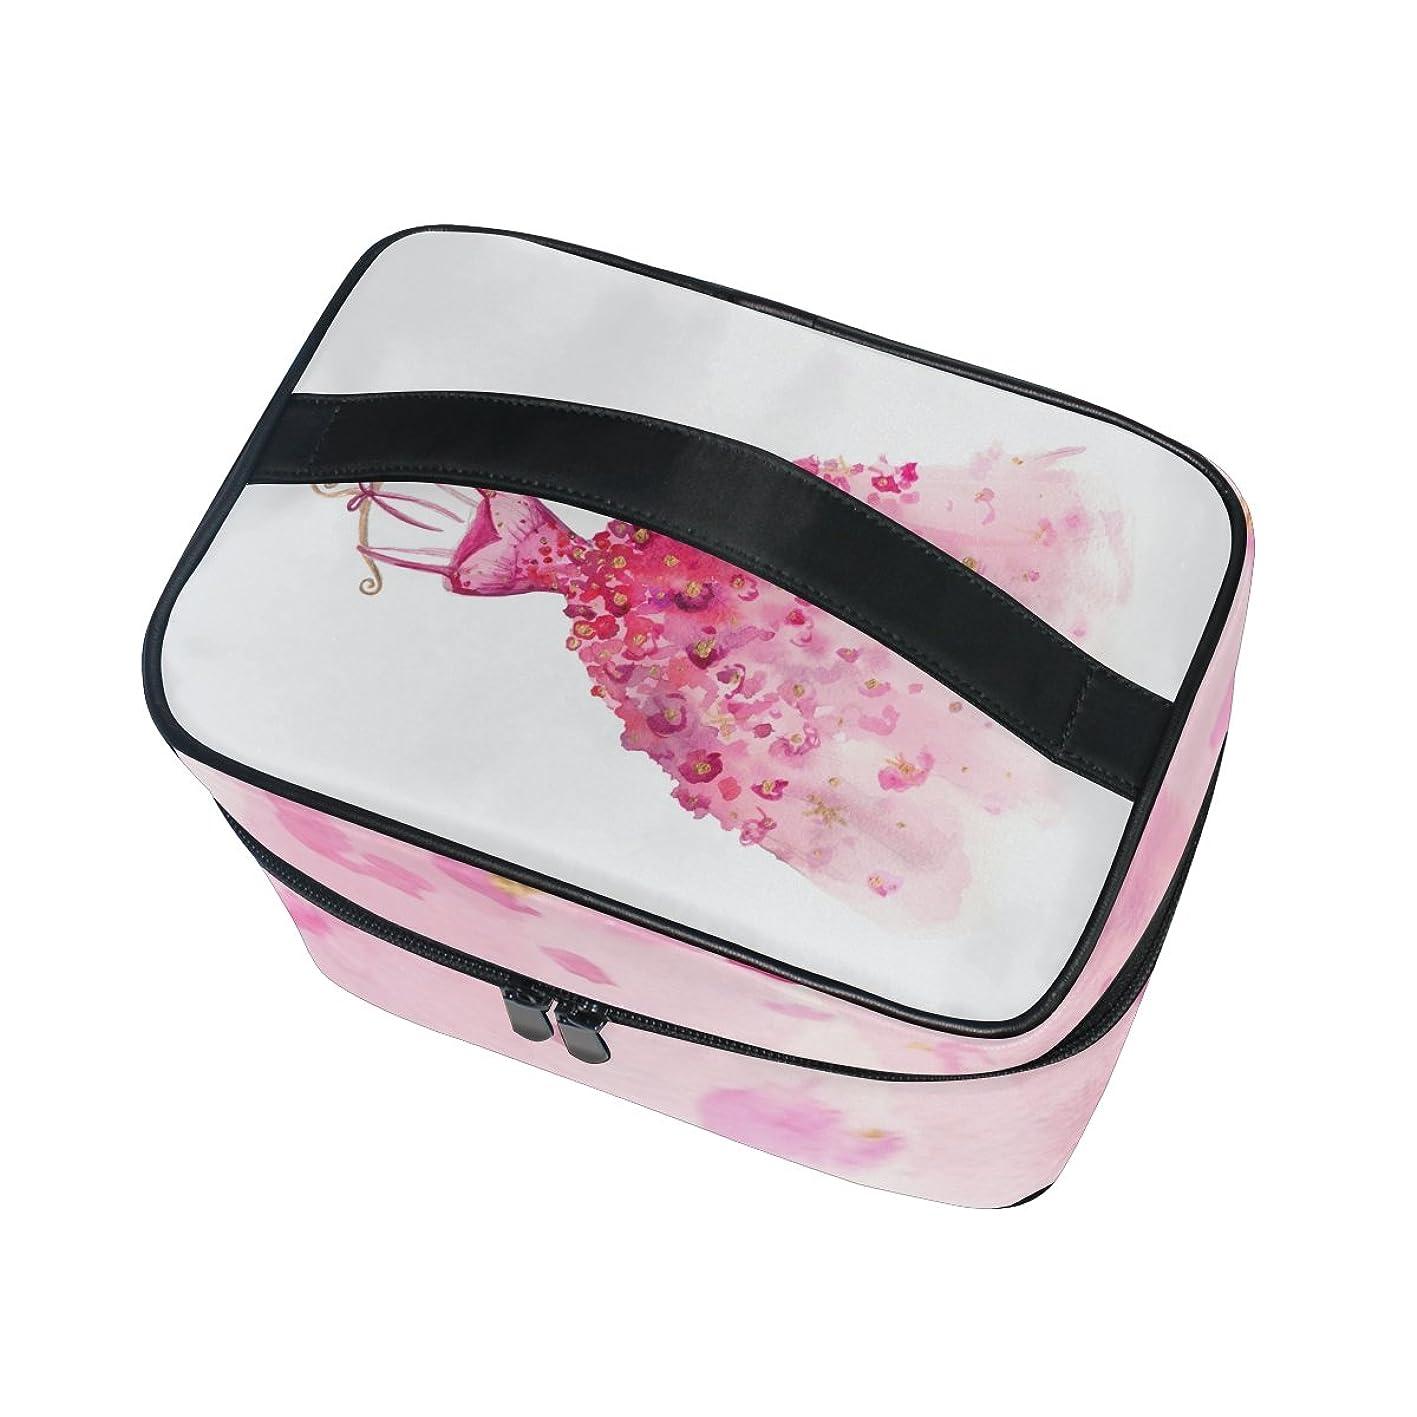 プレミアムお香姉妹ALAZA 化粧ポーチ プリンセス 姫系 化粧 メイクボックス 収納用品 ピンク 大きめ かわいい